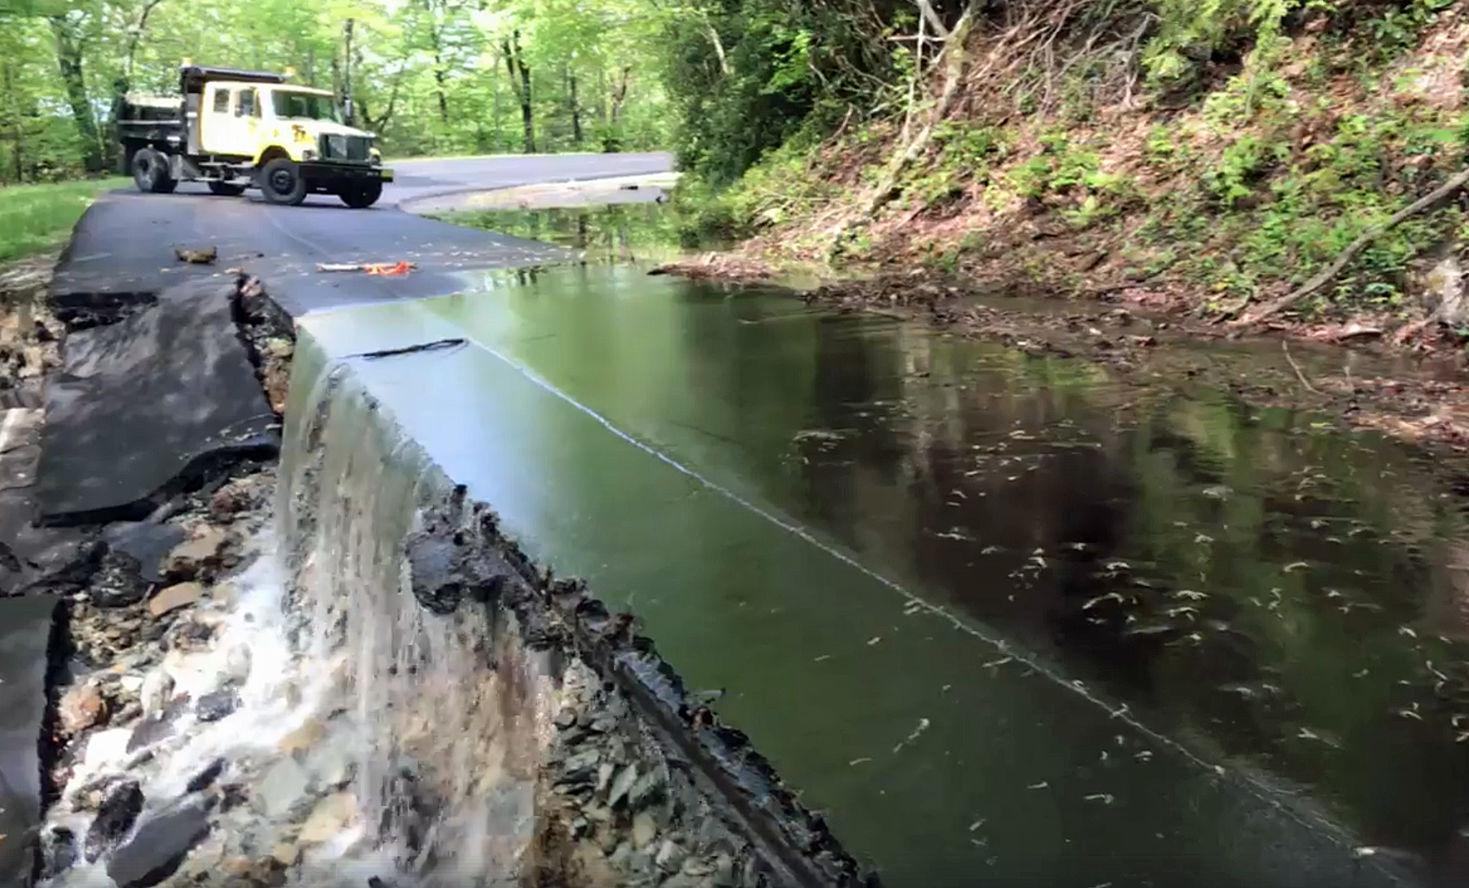 US 221 closed for rain damage repairs